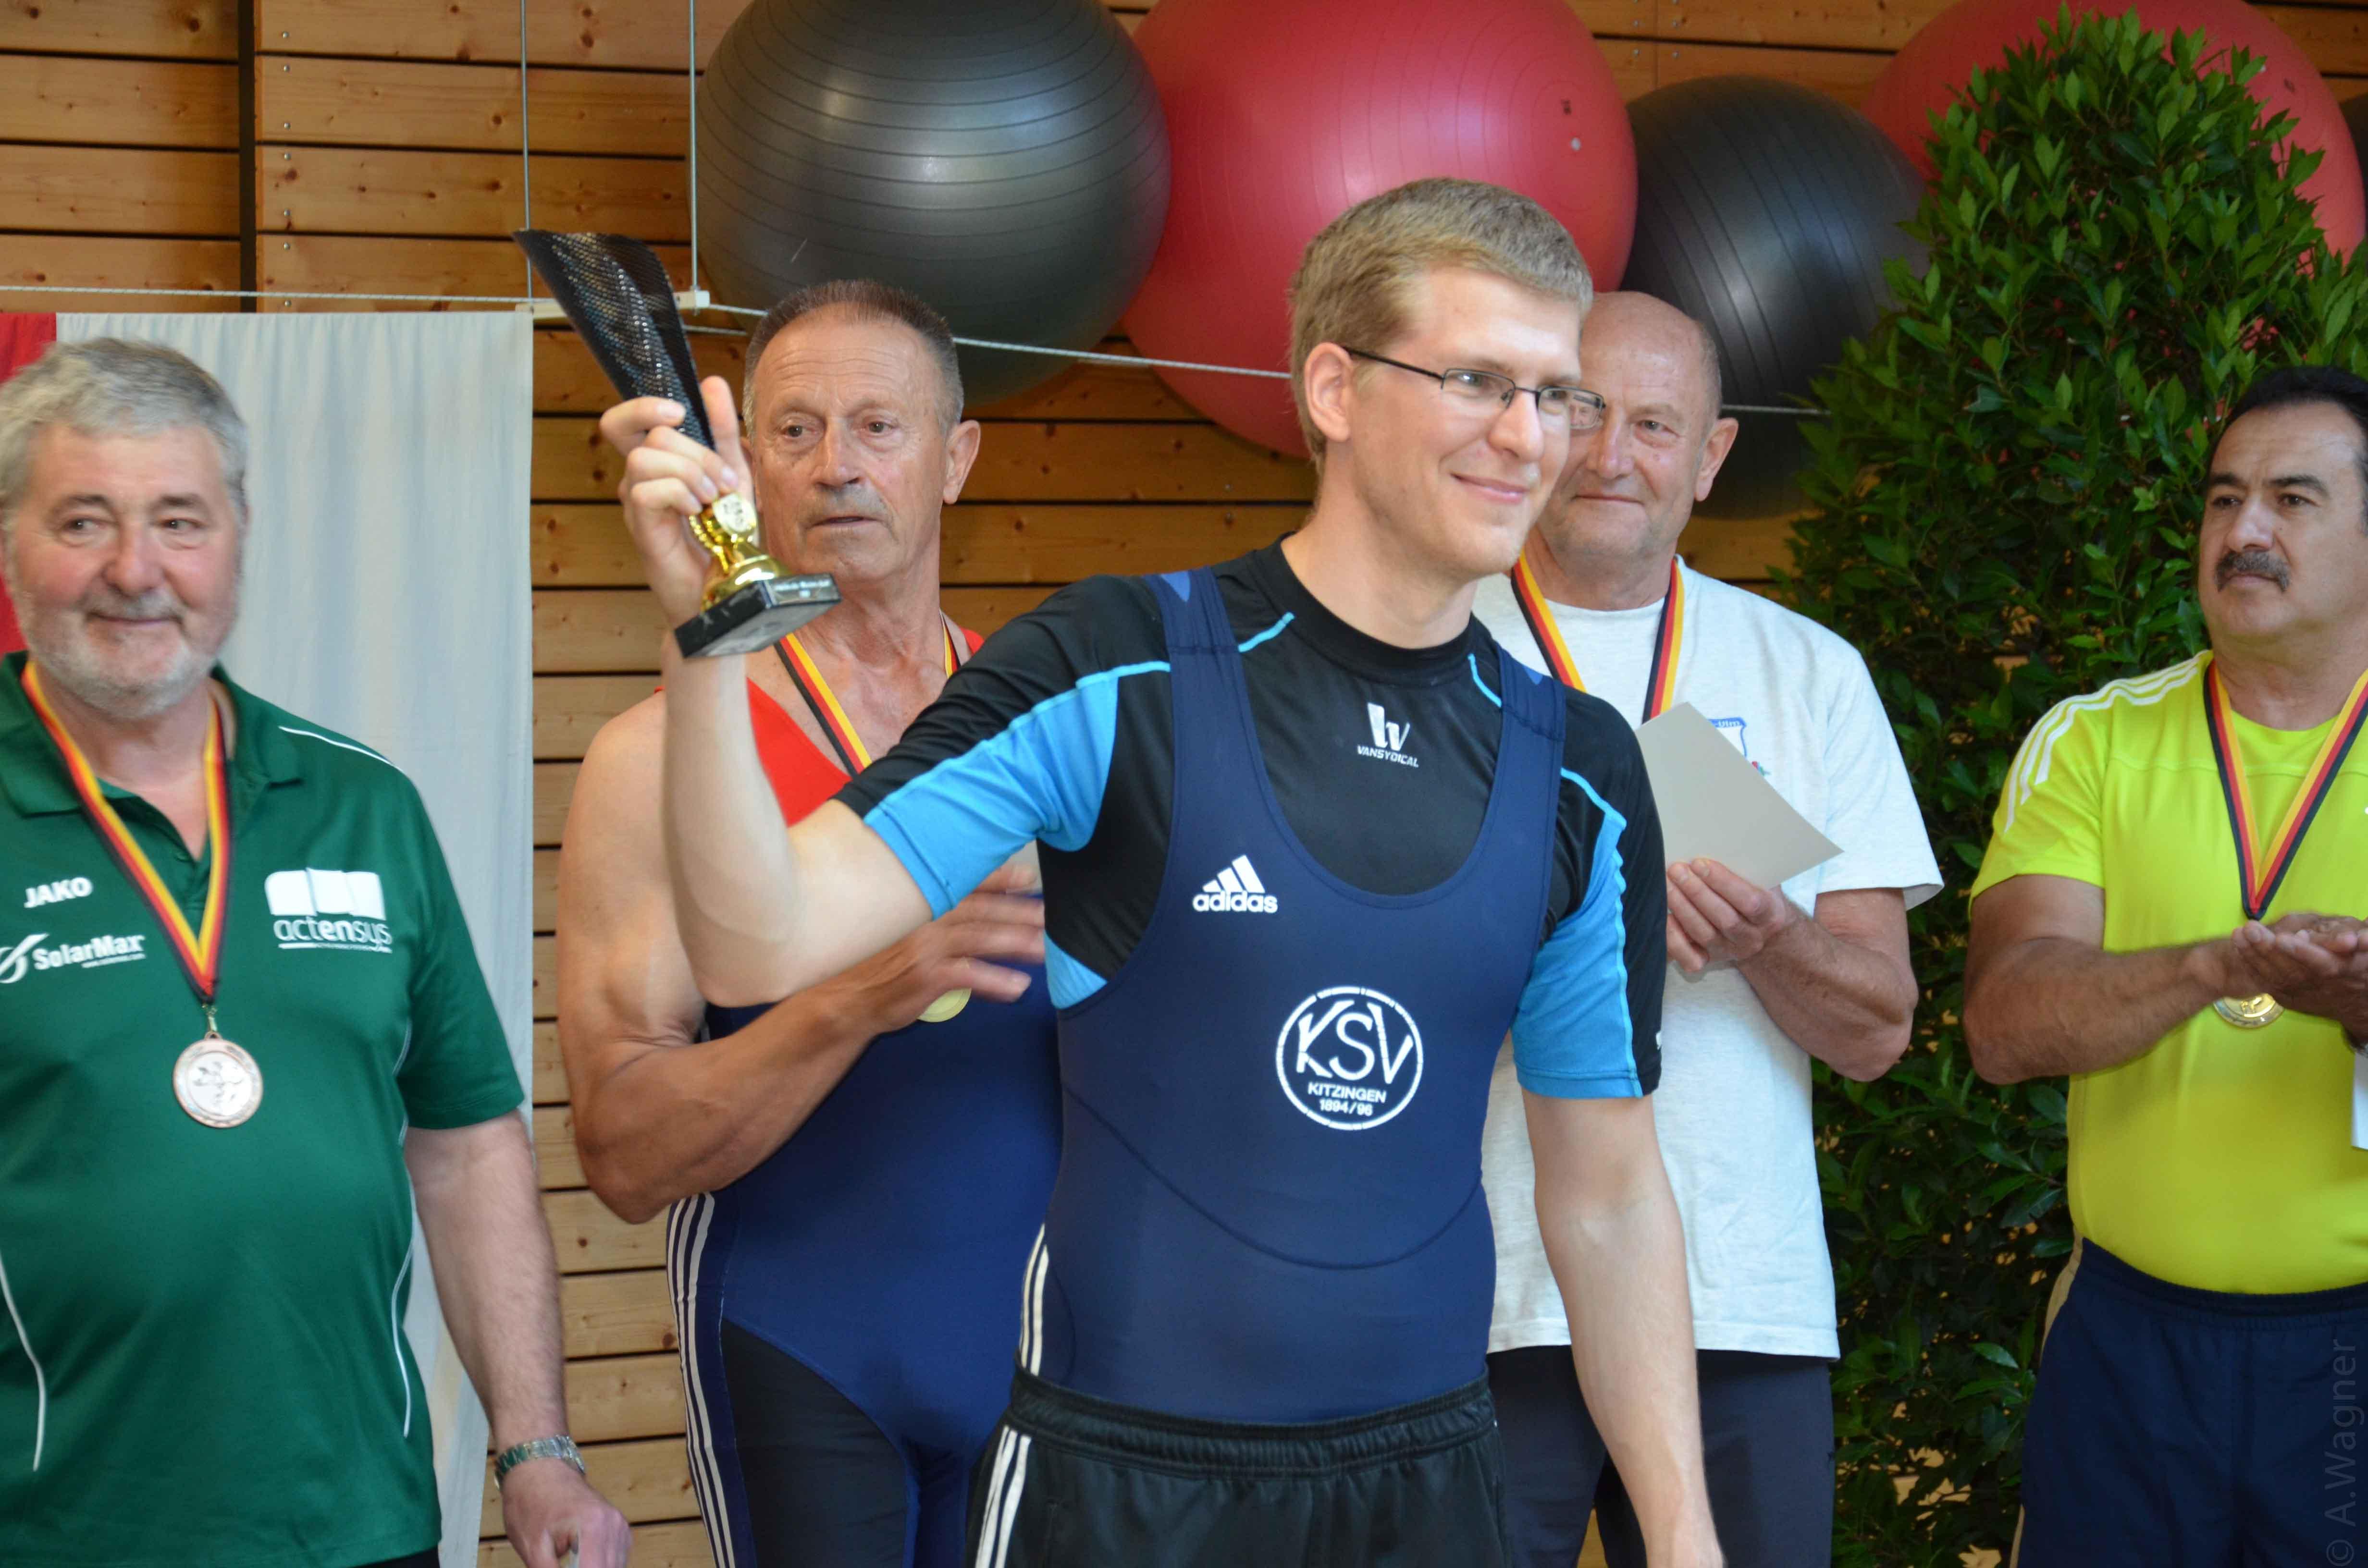 Schwäbische_Meisterschaft_2017__(11_von_55)